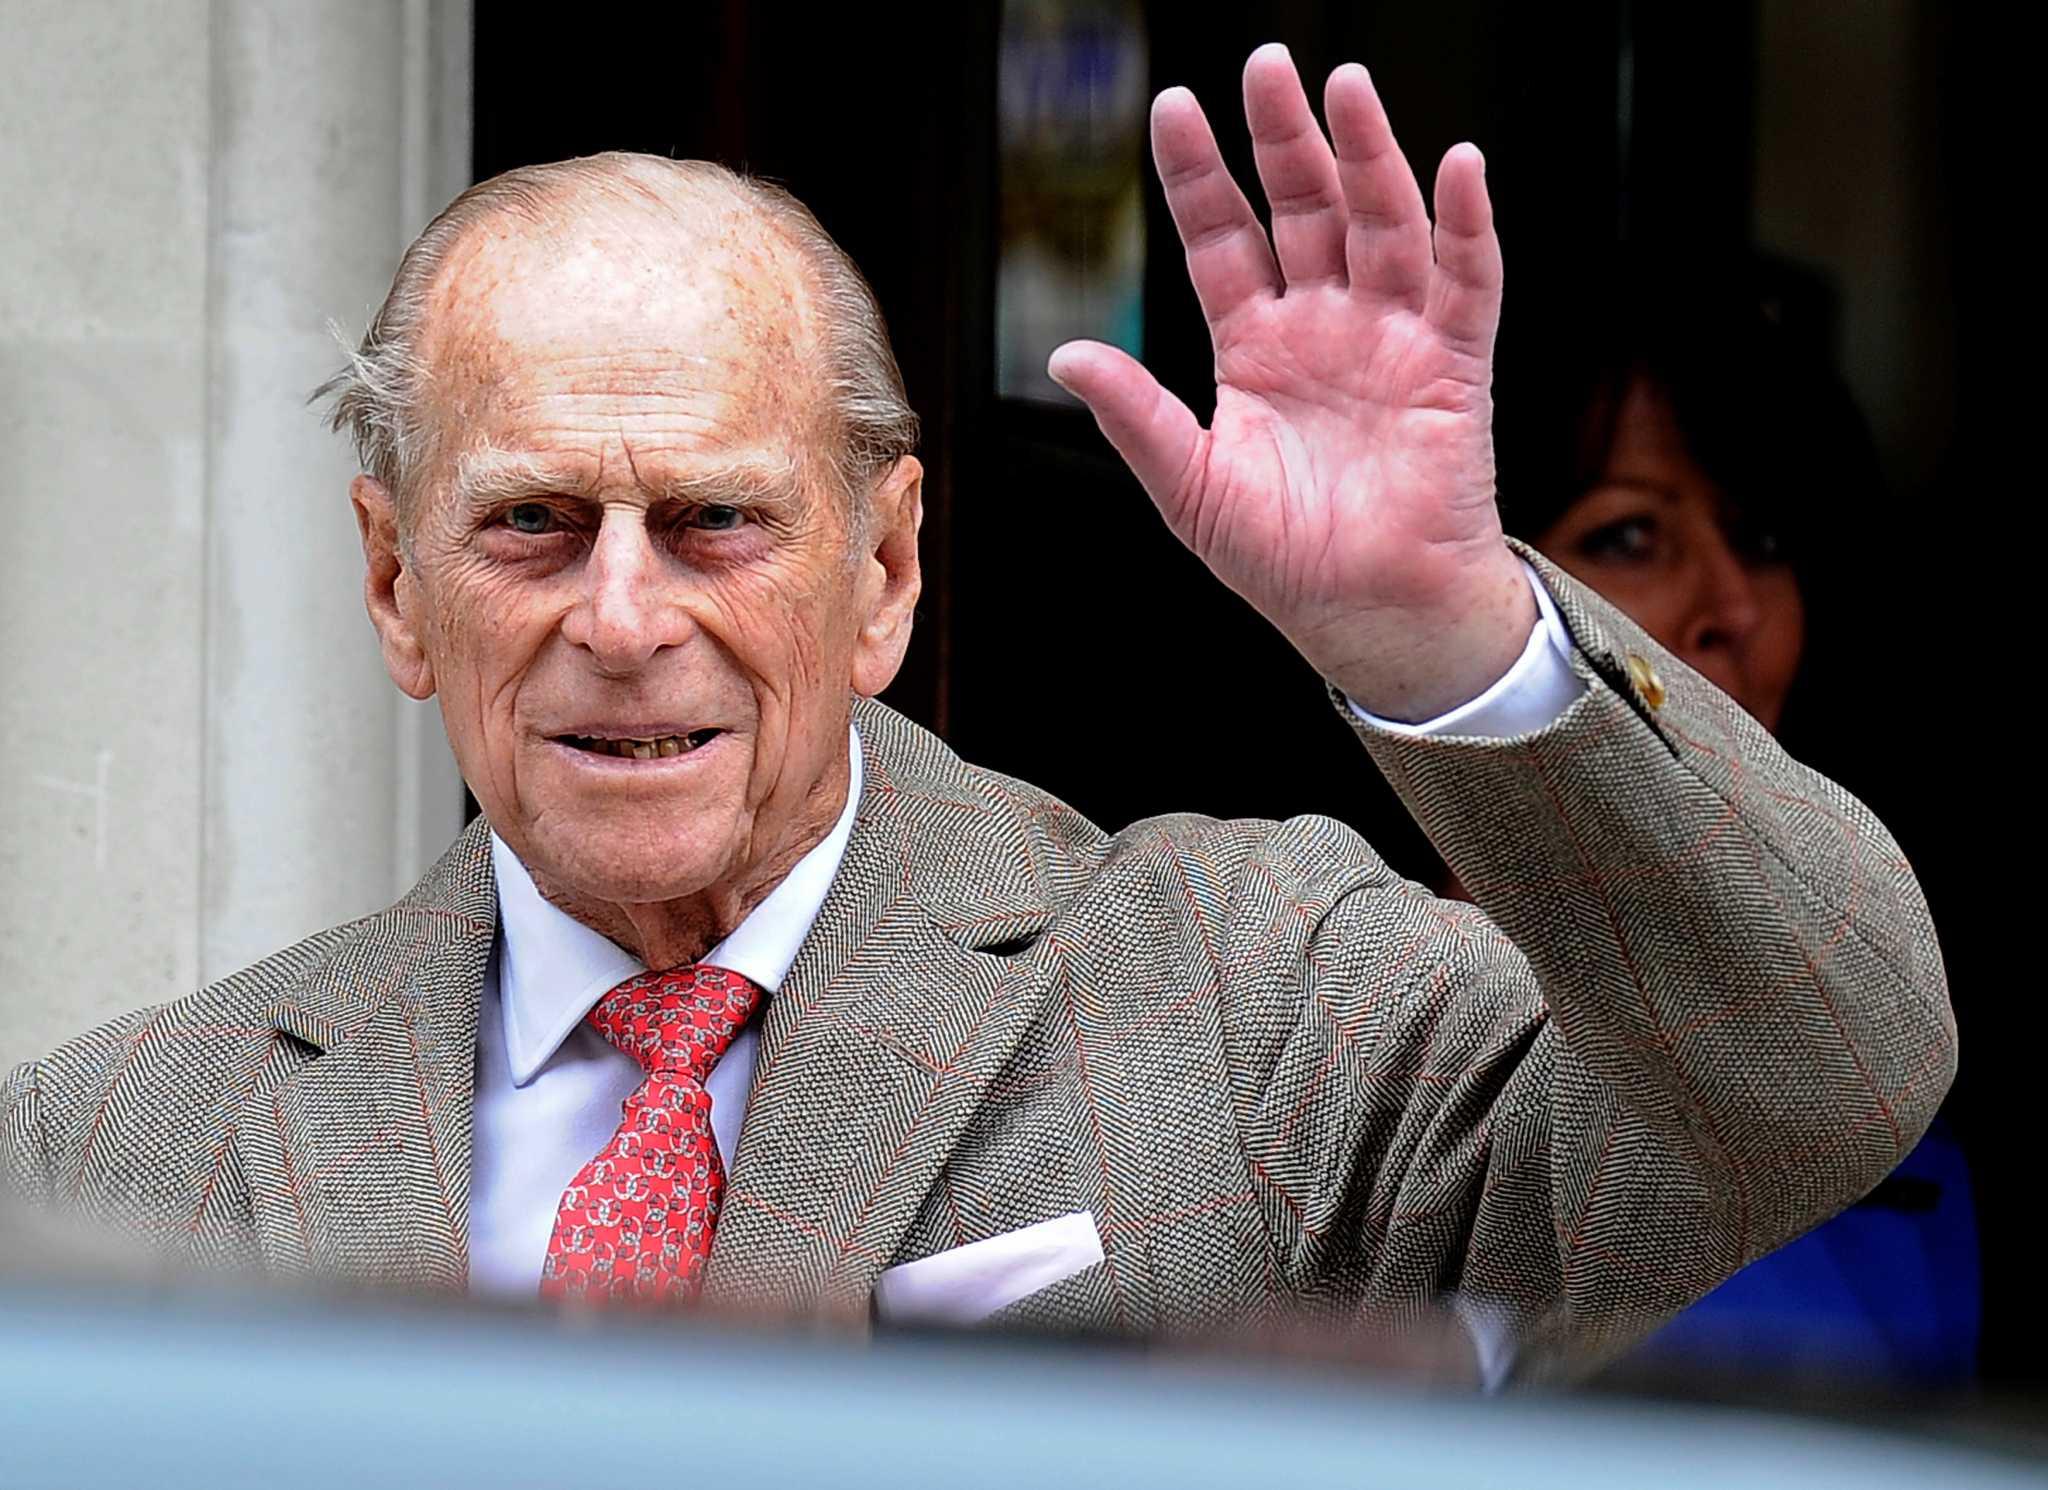 Ο Πρίγκιπας Φίλιππος συμπεριέλαβε και το… προσωπικό του στην διαθήκη των 30 εκατομμυρίων λιρών